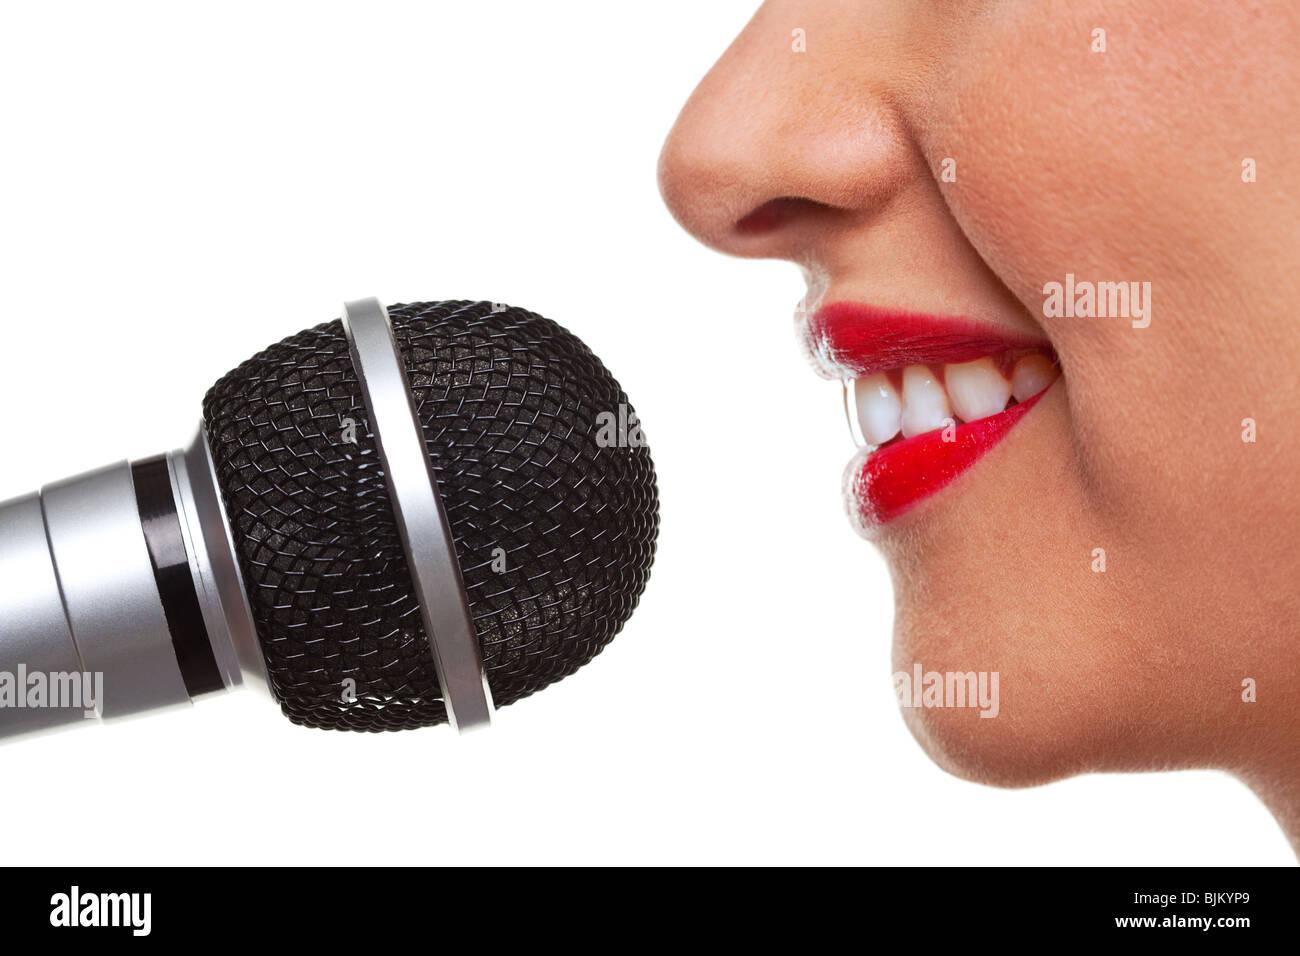 Gros plan d'une femme à l'aide d'un microphone, isolé sur un fond blanc. Photo Stock